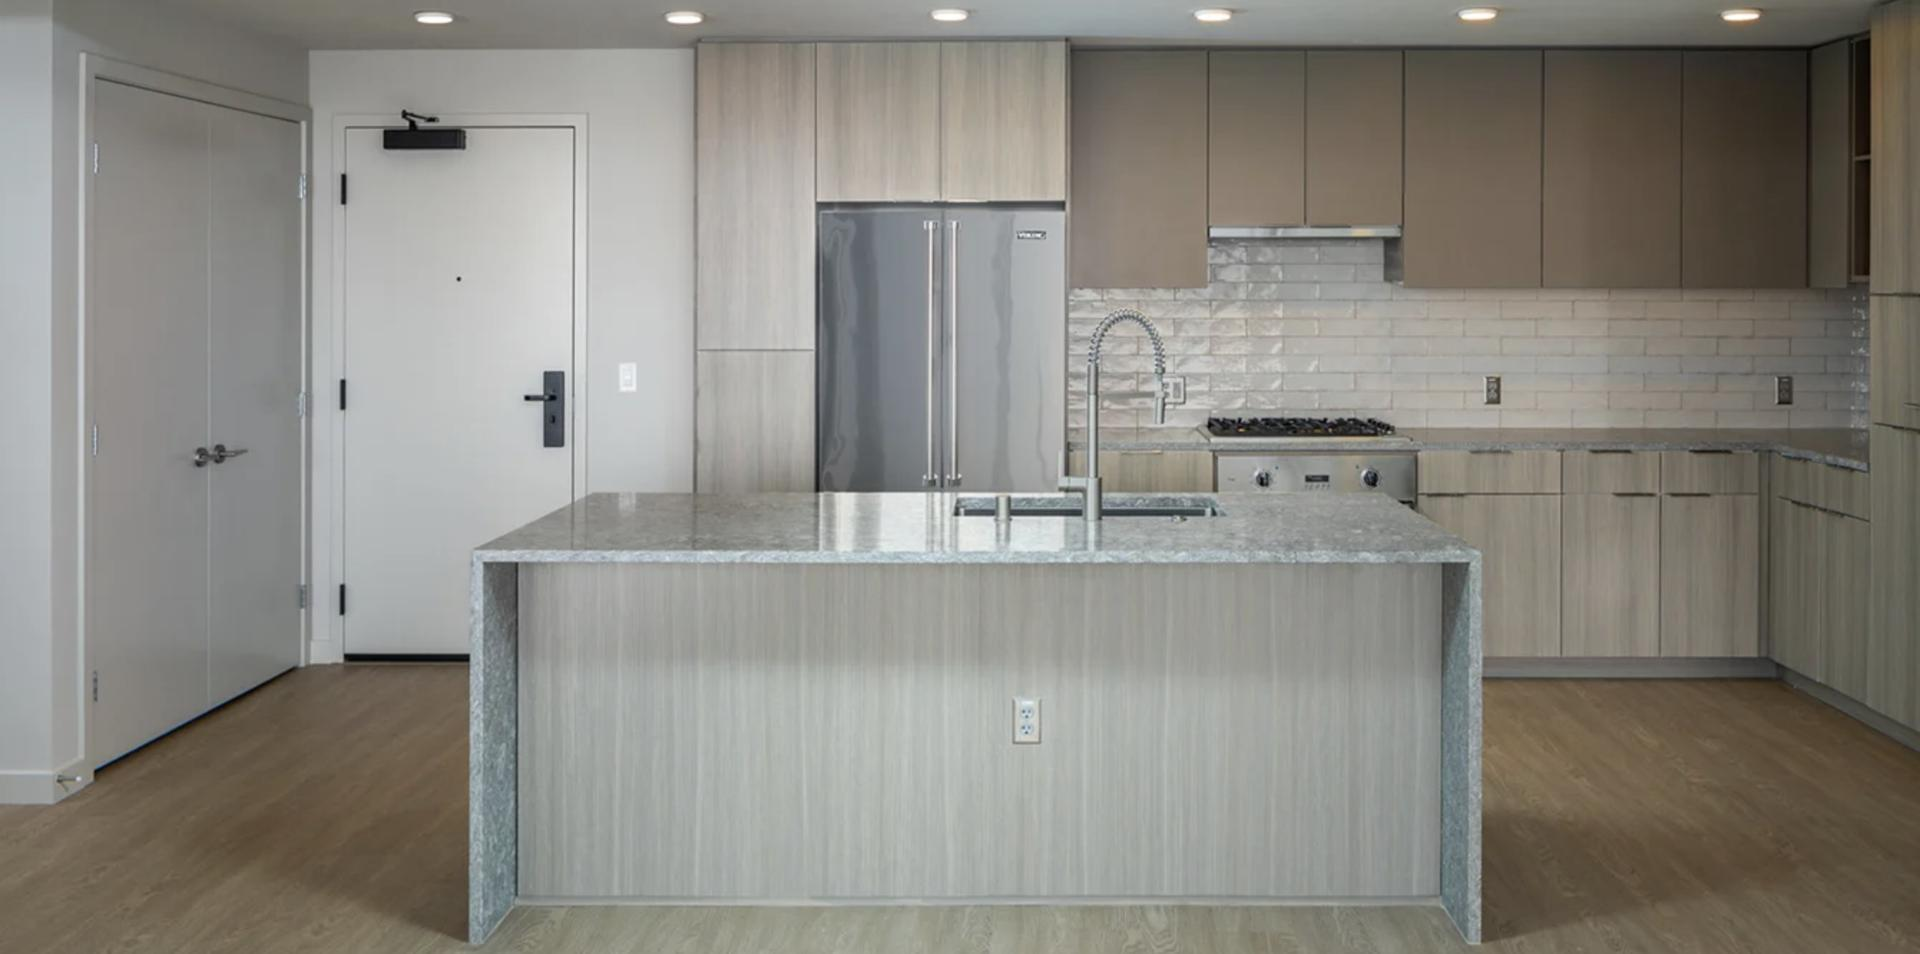 601 11th Avenue #1003, San Diego, CA - $4,585 USD/ month